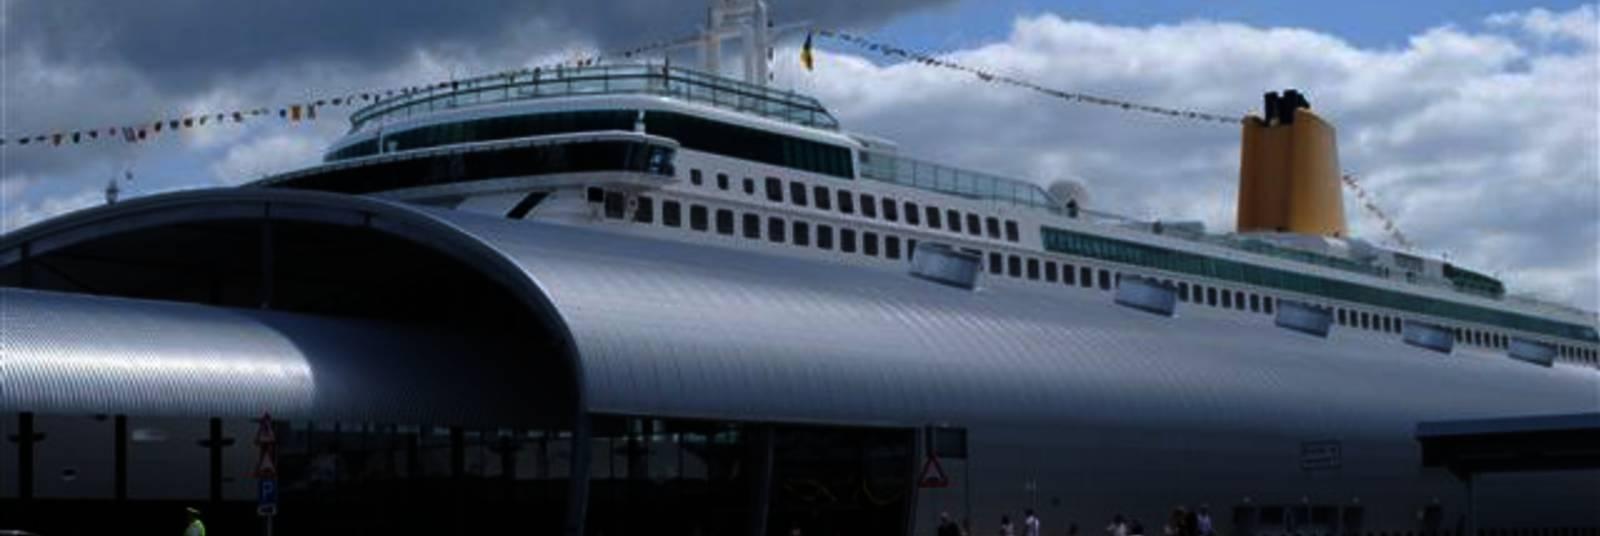 Homepage_large_ocean_terminal